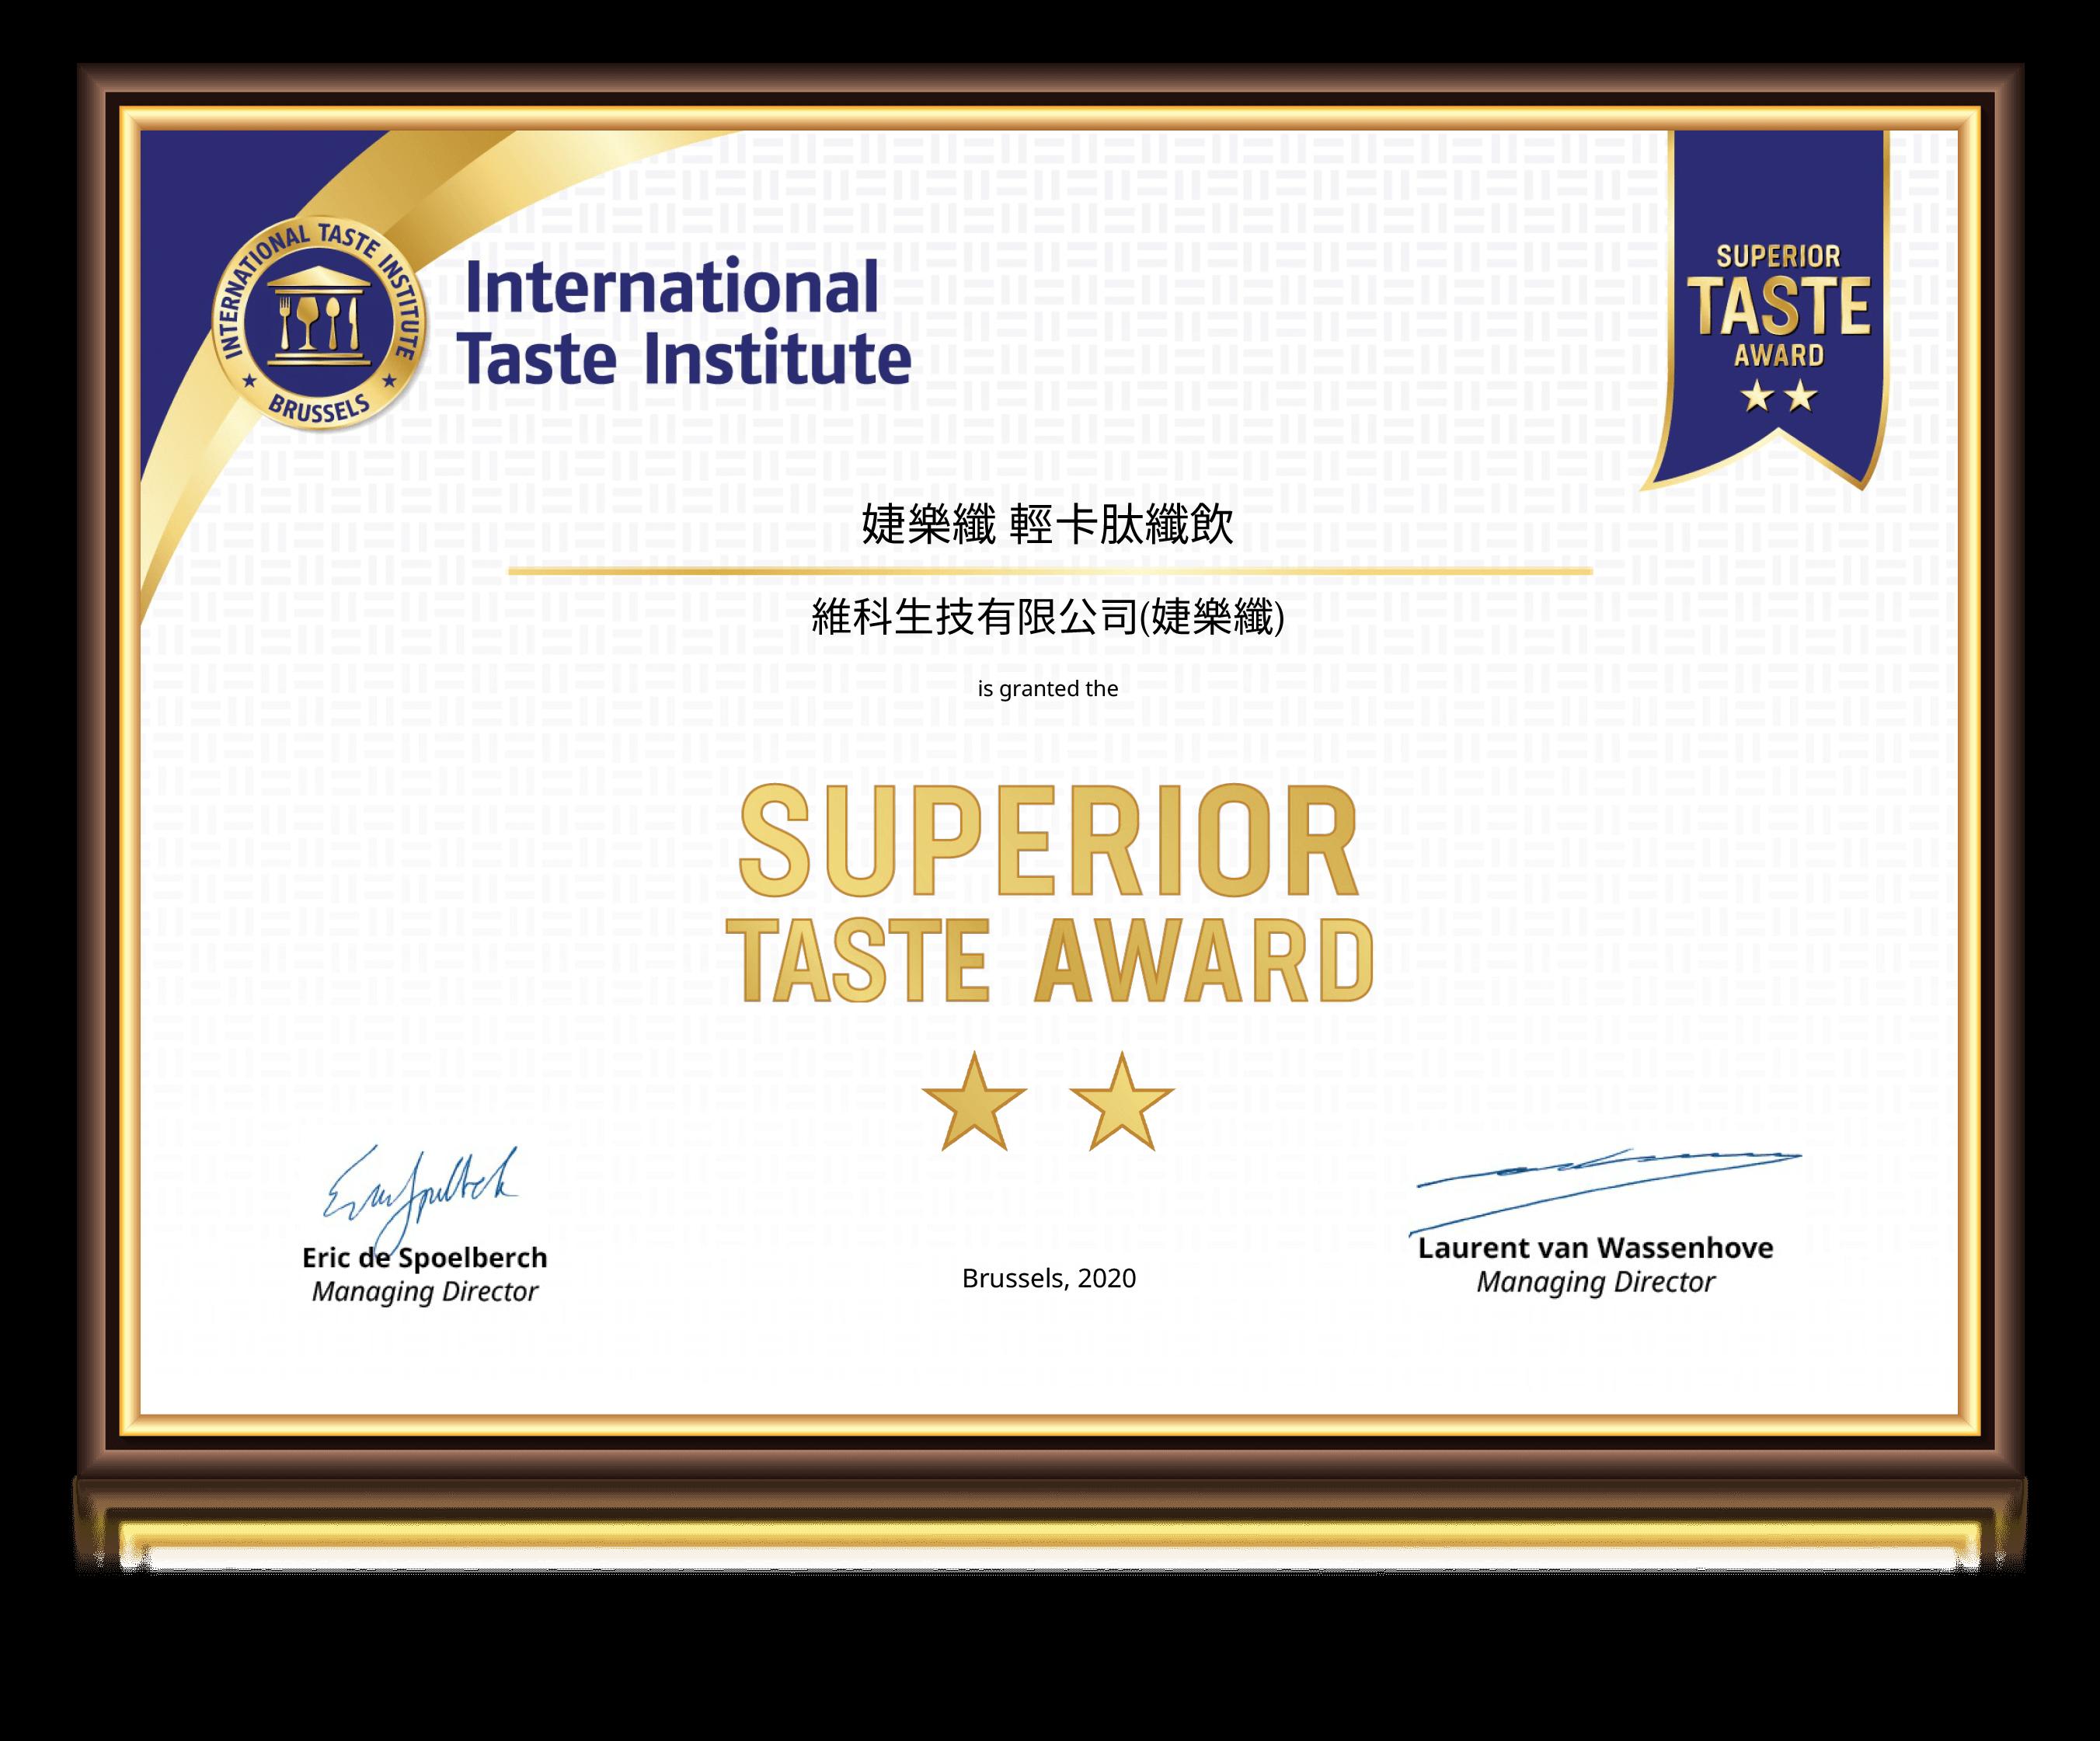 婕樂纖輕卡肽纖飲國際風味評鑑-風味絕佳獎章